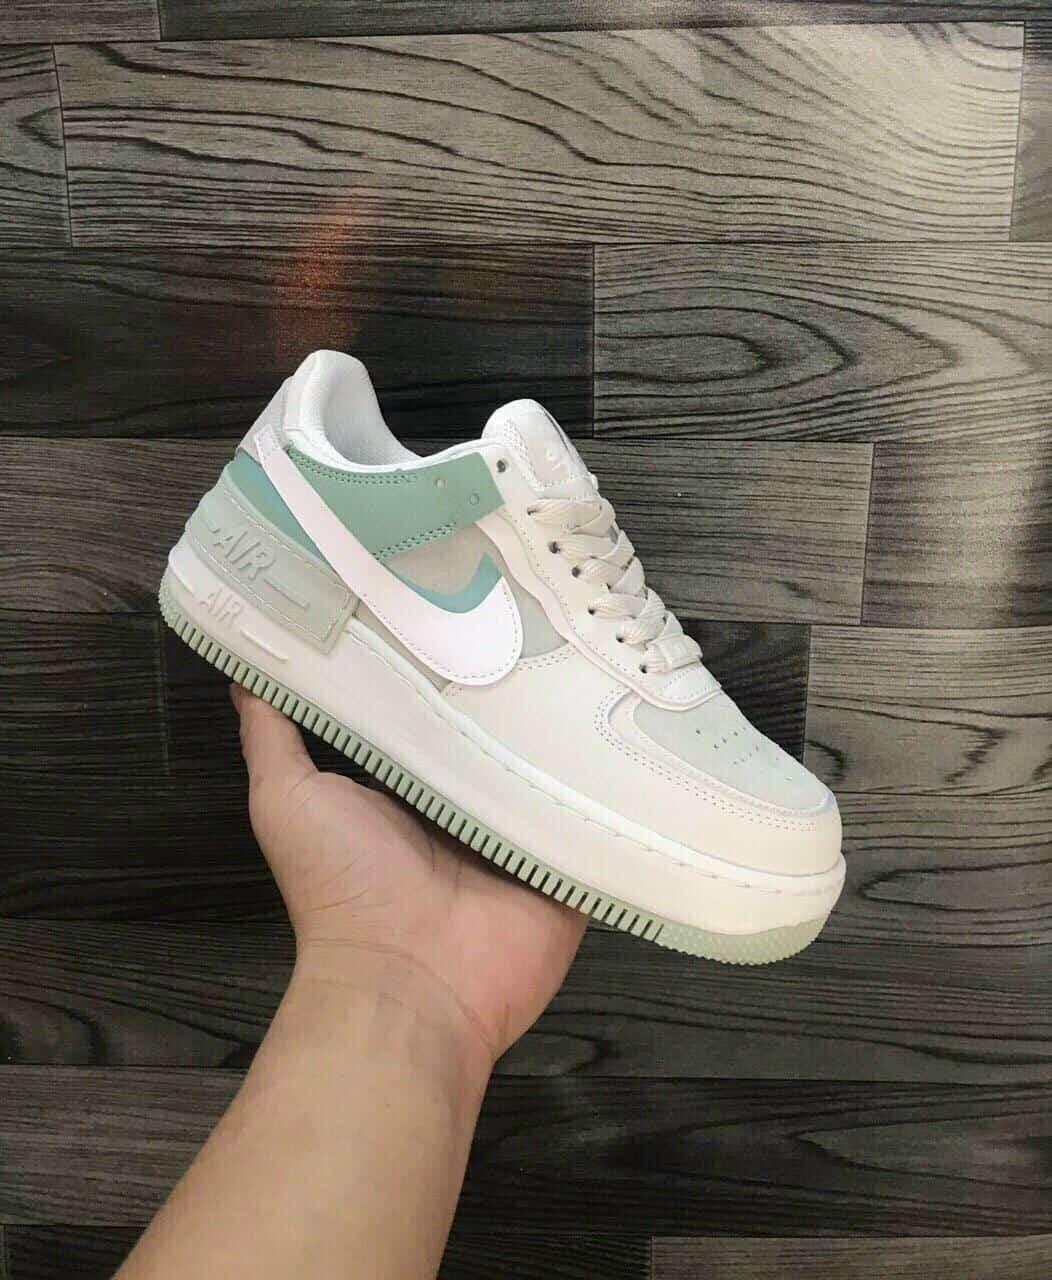 Giày thể thao Nike Air Force 1 Xanh Lá replica đang được giới trẻ ưa chuộng năm 2021